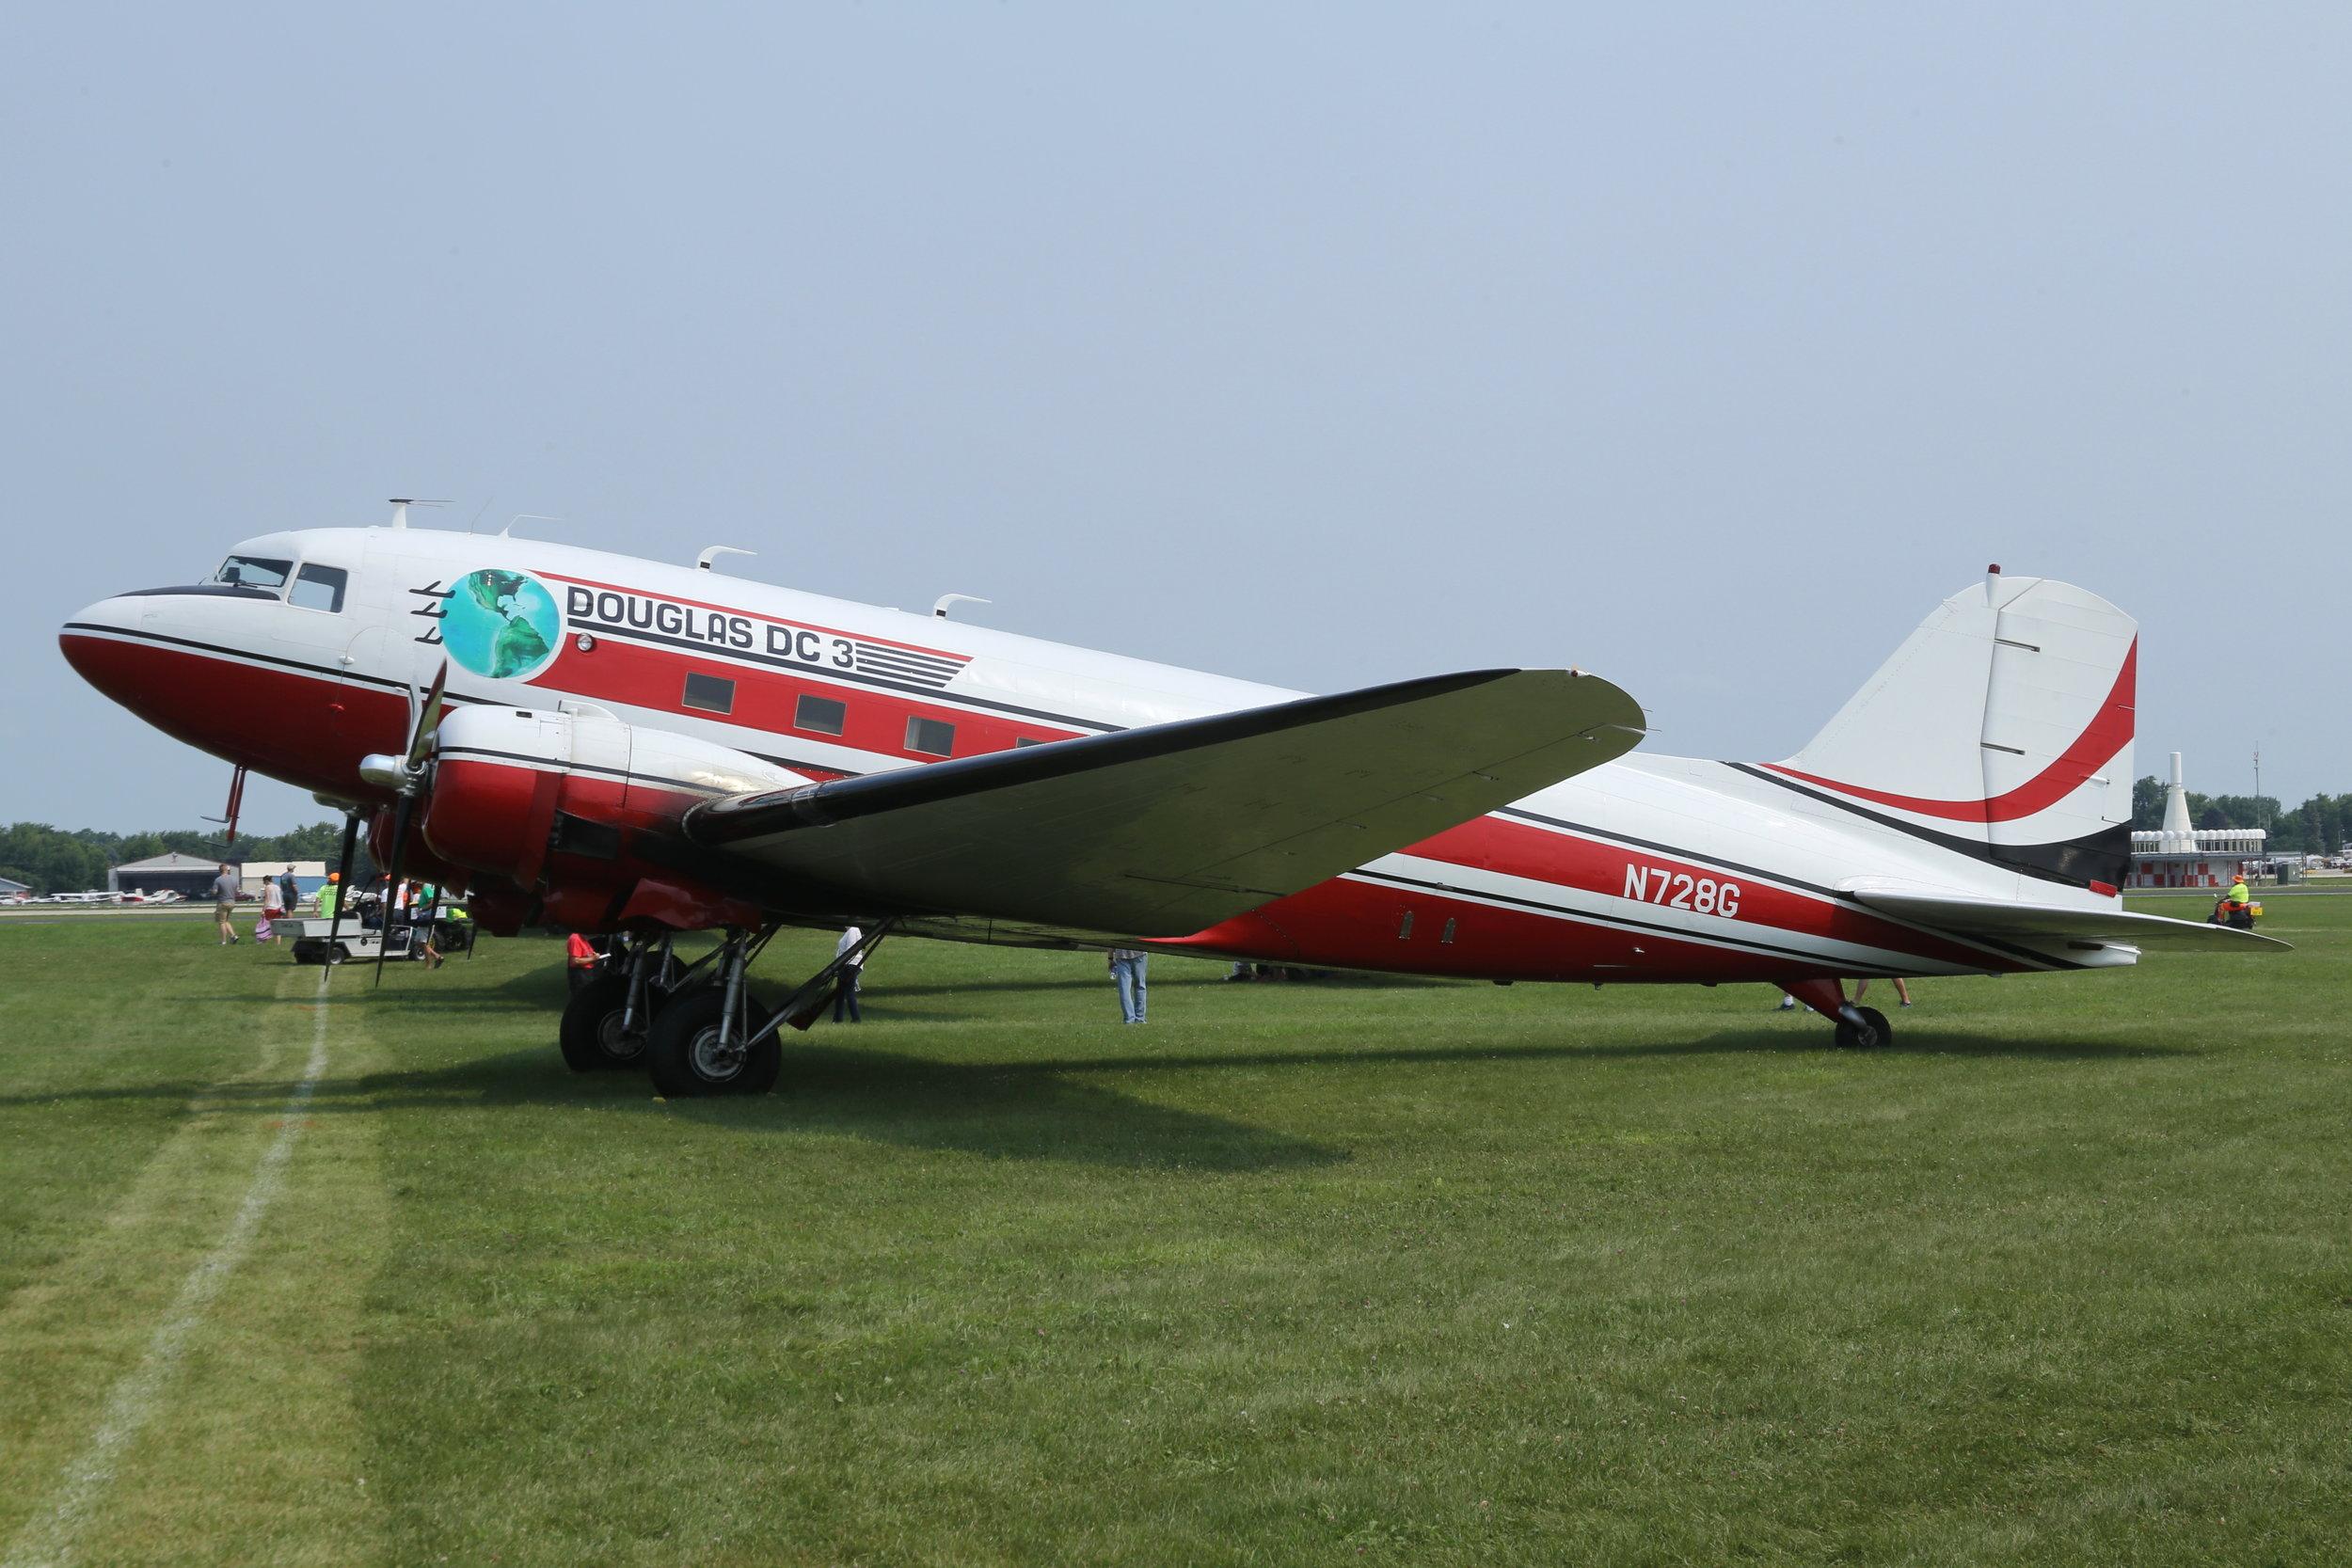 N728G DC-3(C) taken at Oshkosh 23rd July 2018 by John Wood